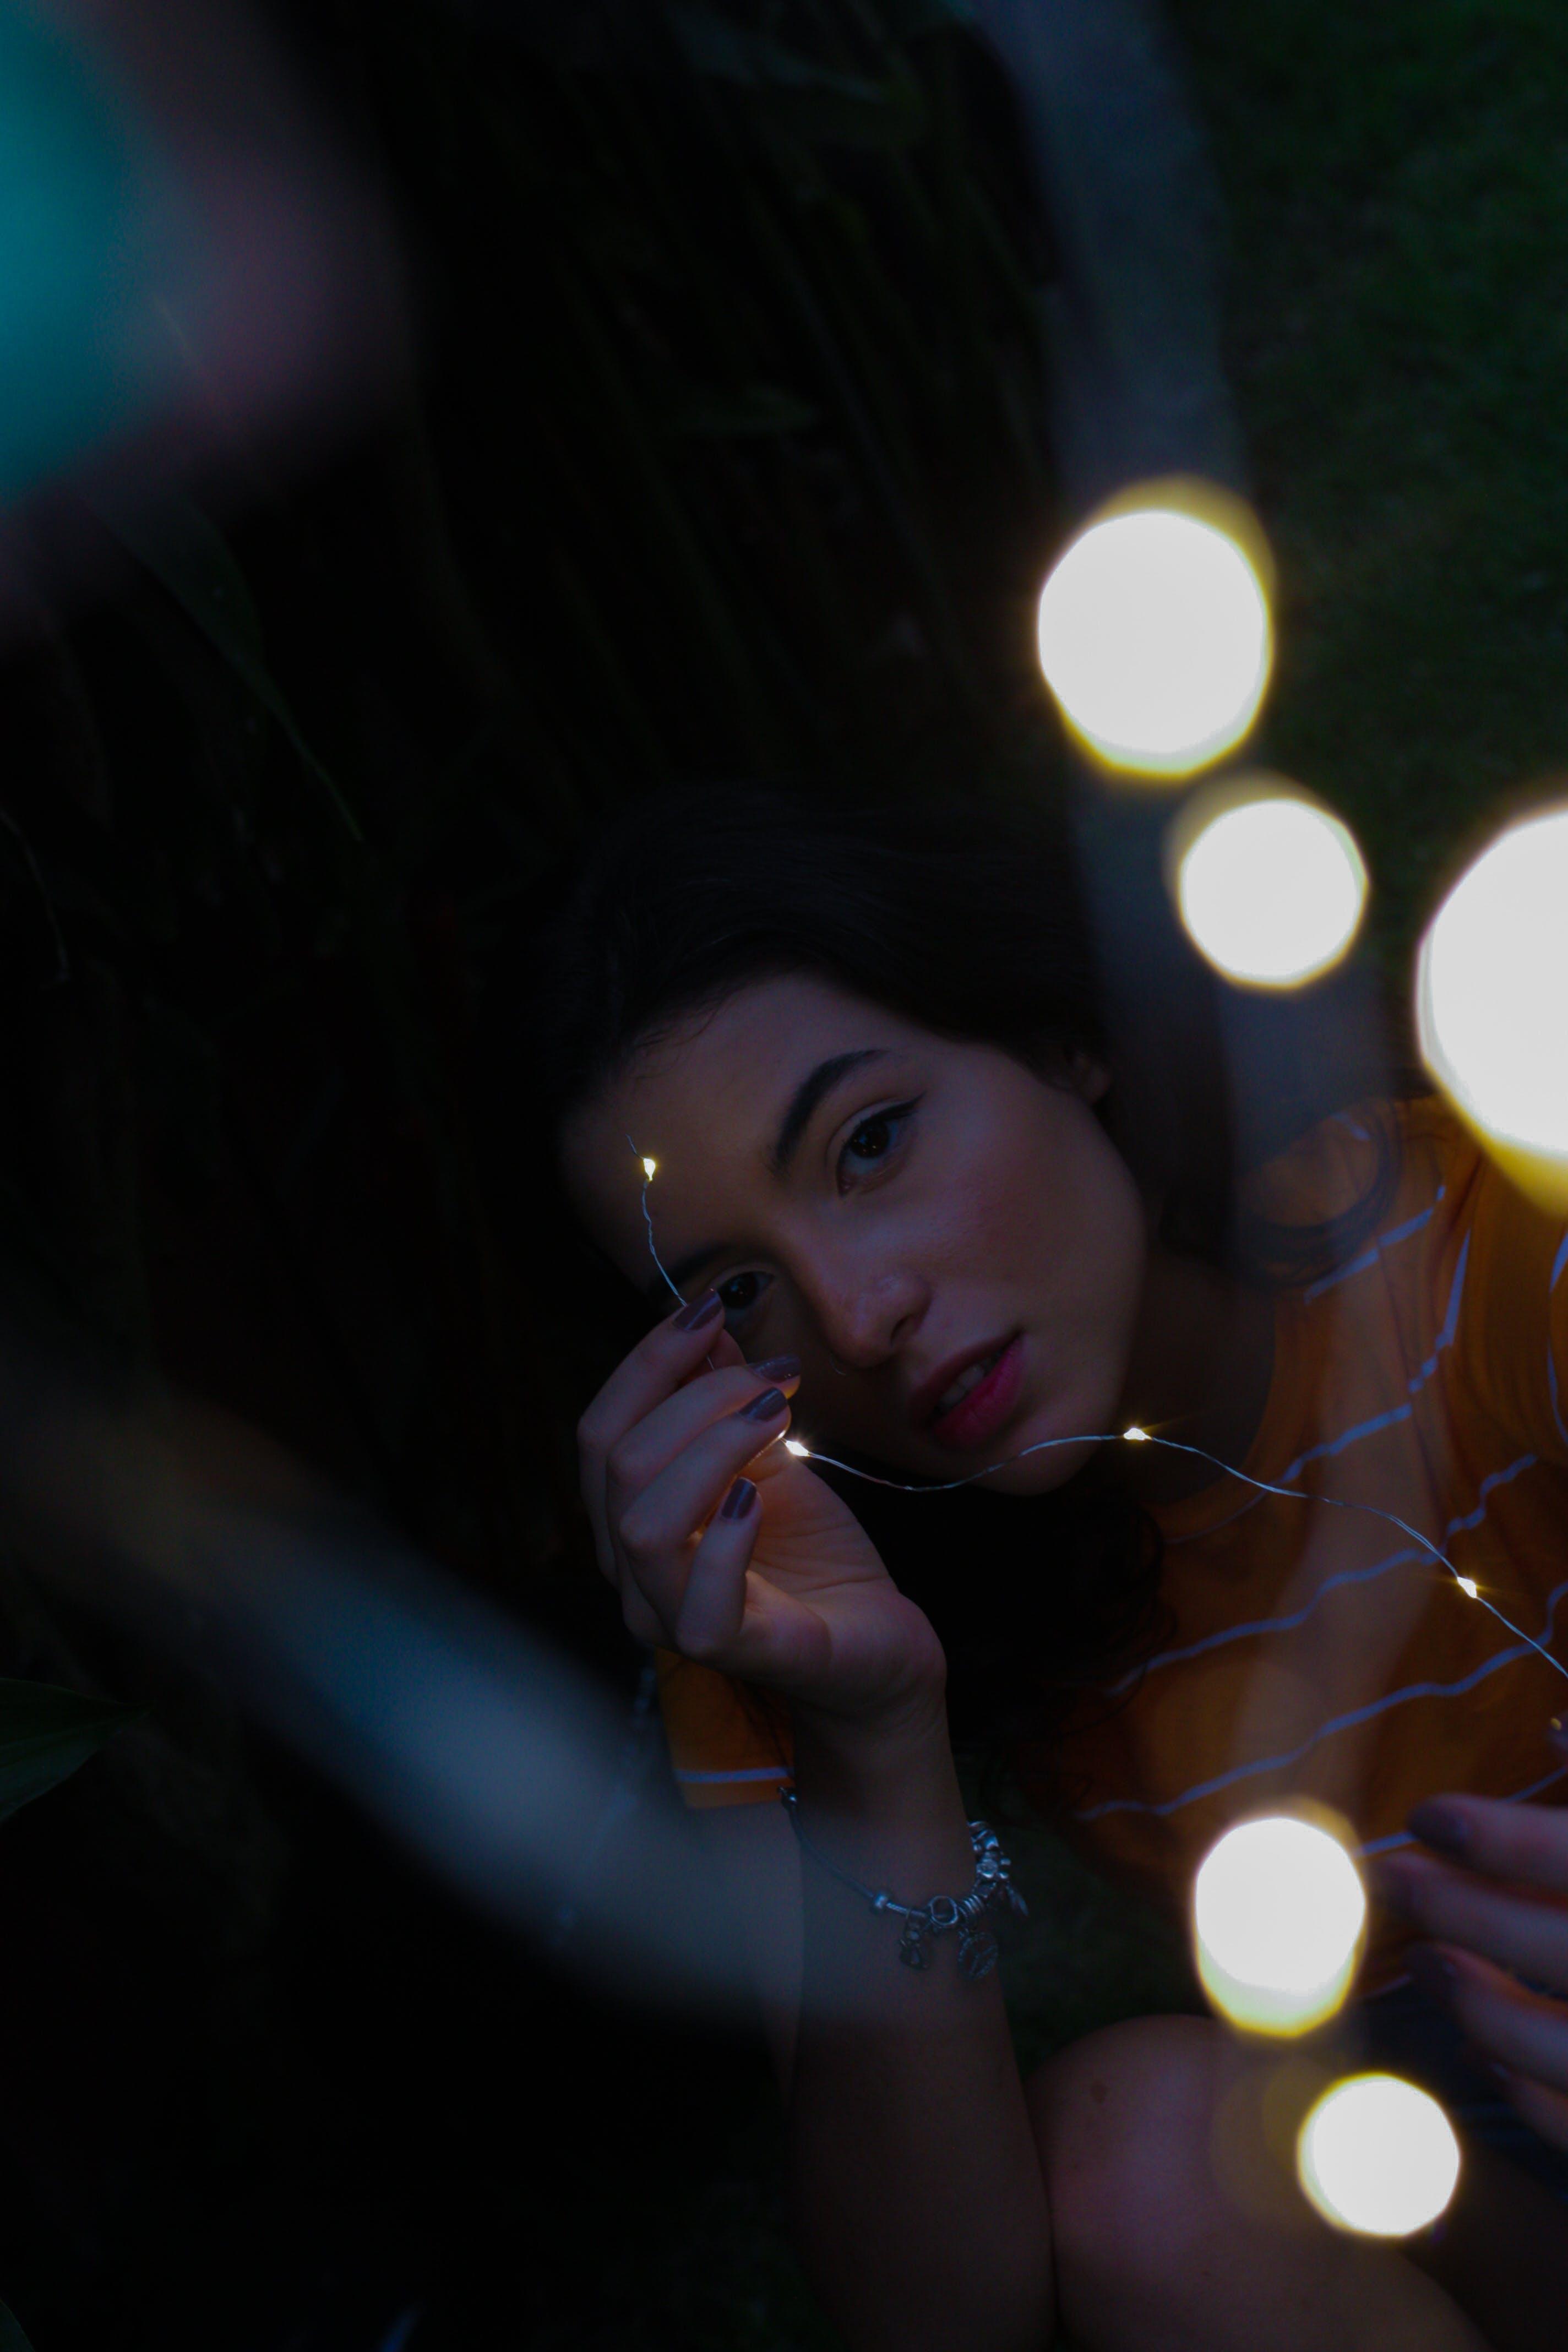 Kostenloses Stock Foto zu attraktiv, beleuchtet, beleuchtung, dunkel